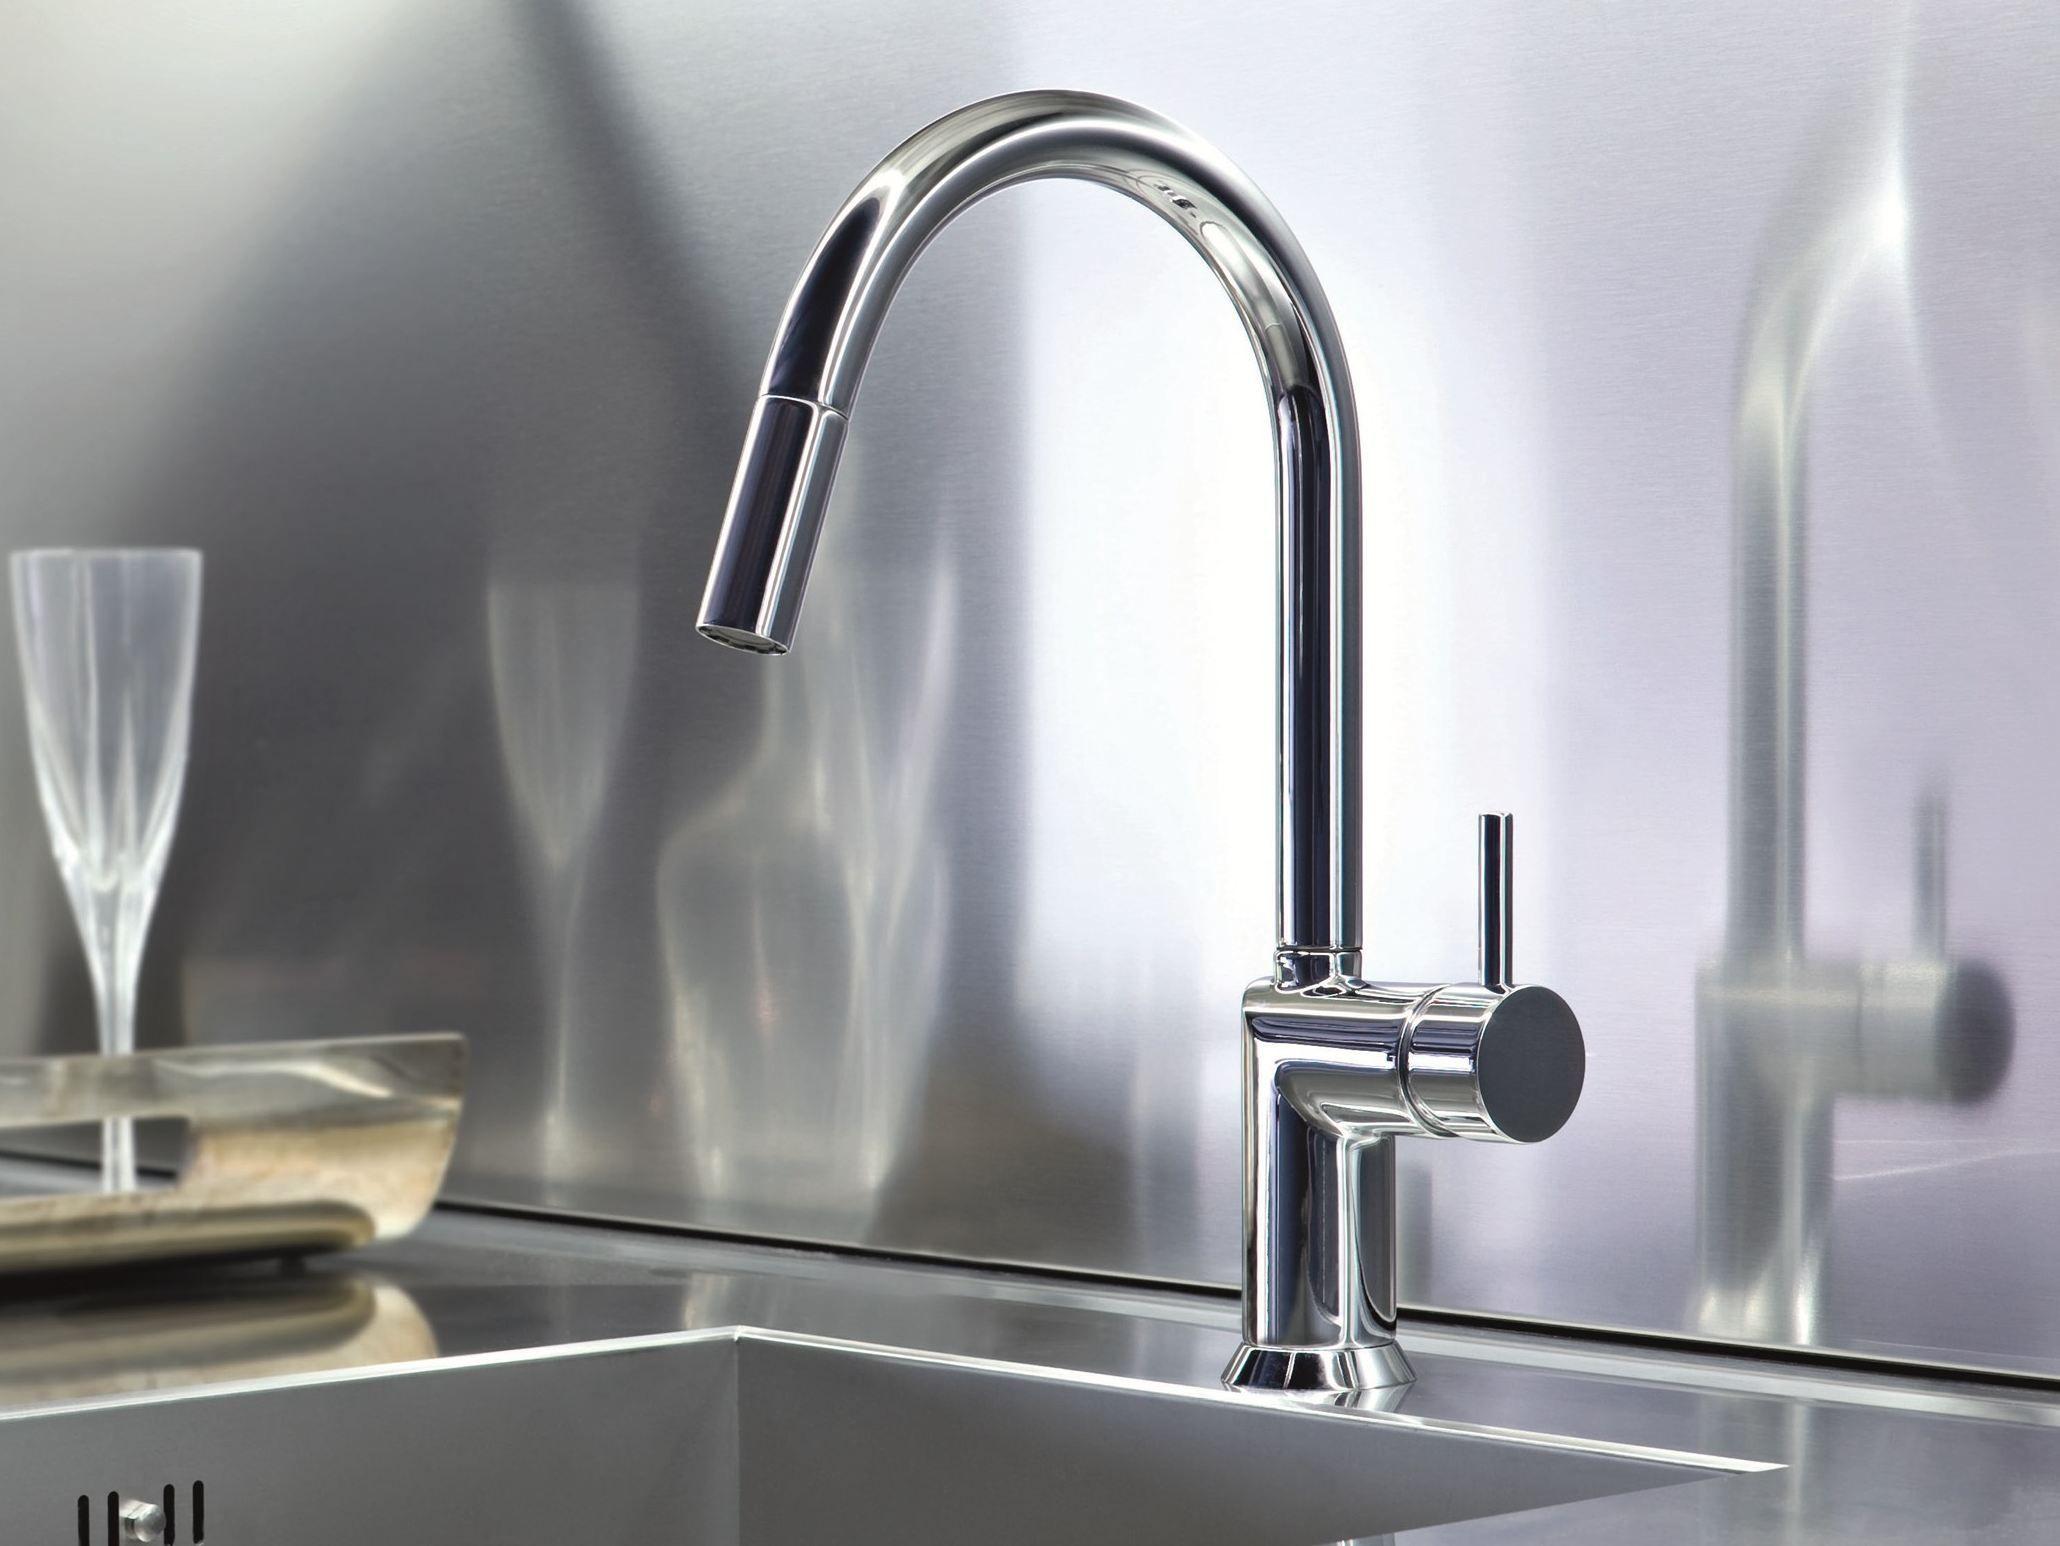 rubinetti da cucina con doccetta estraibile | archiproducts - Miscelatori Cucina Prezzi